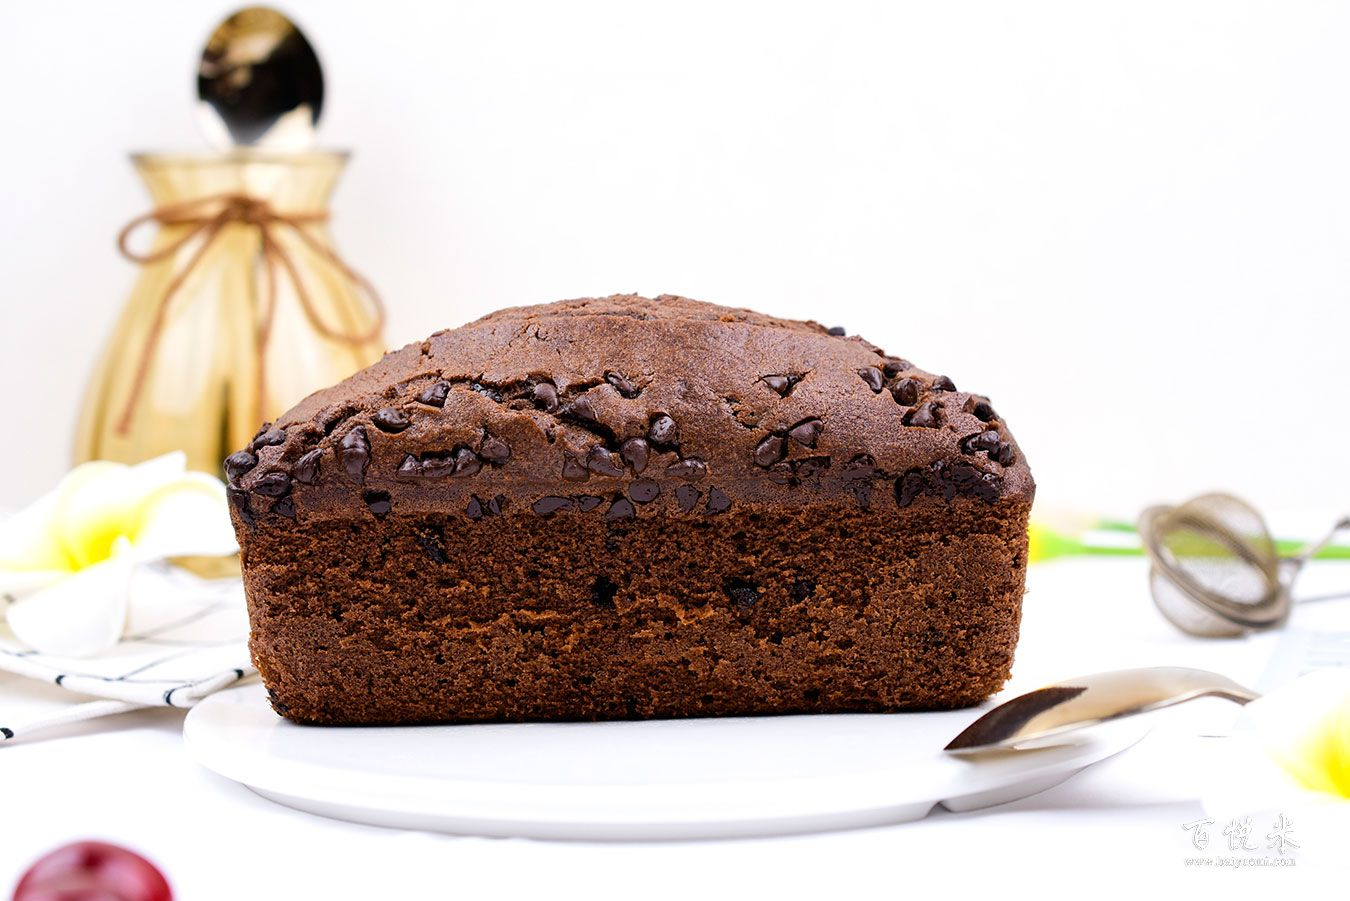 巧克力磅蛋糕高清图片大全【蛋糕图片】_325